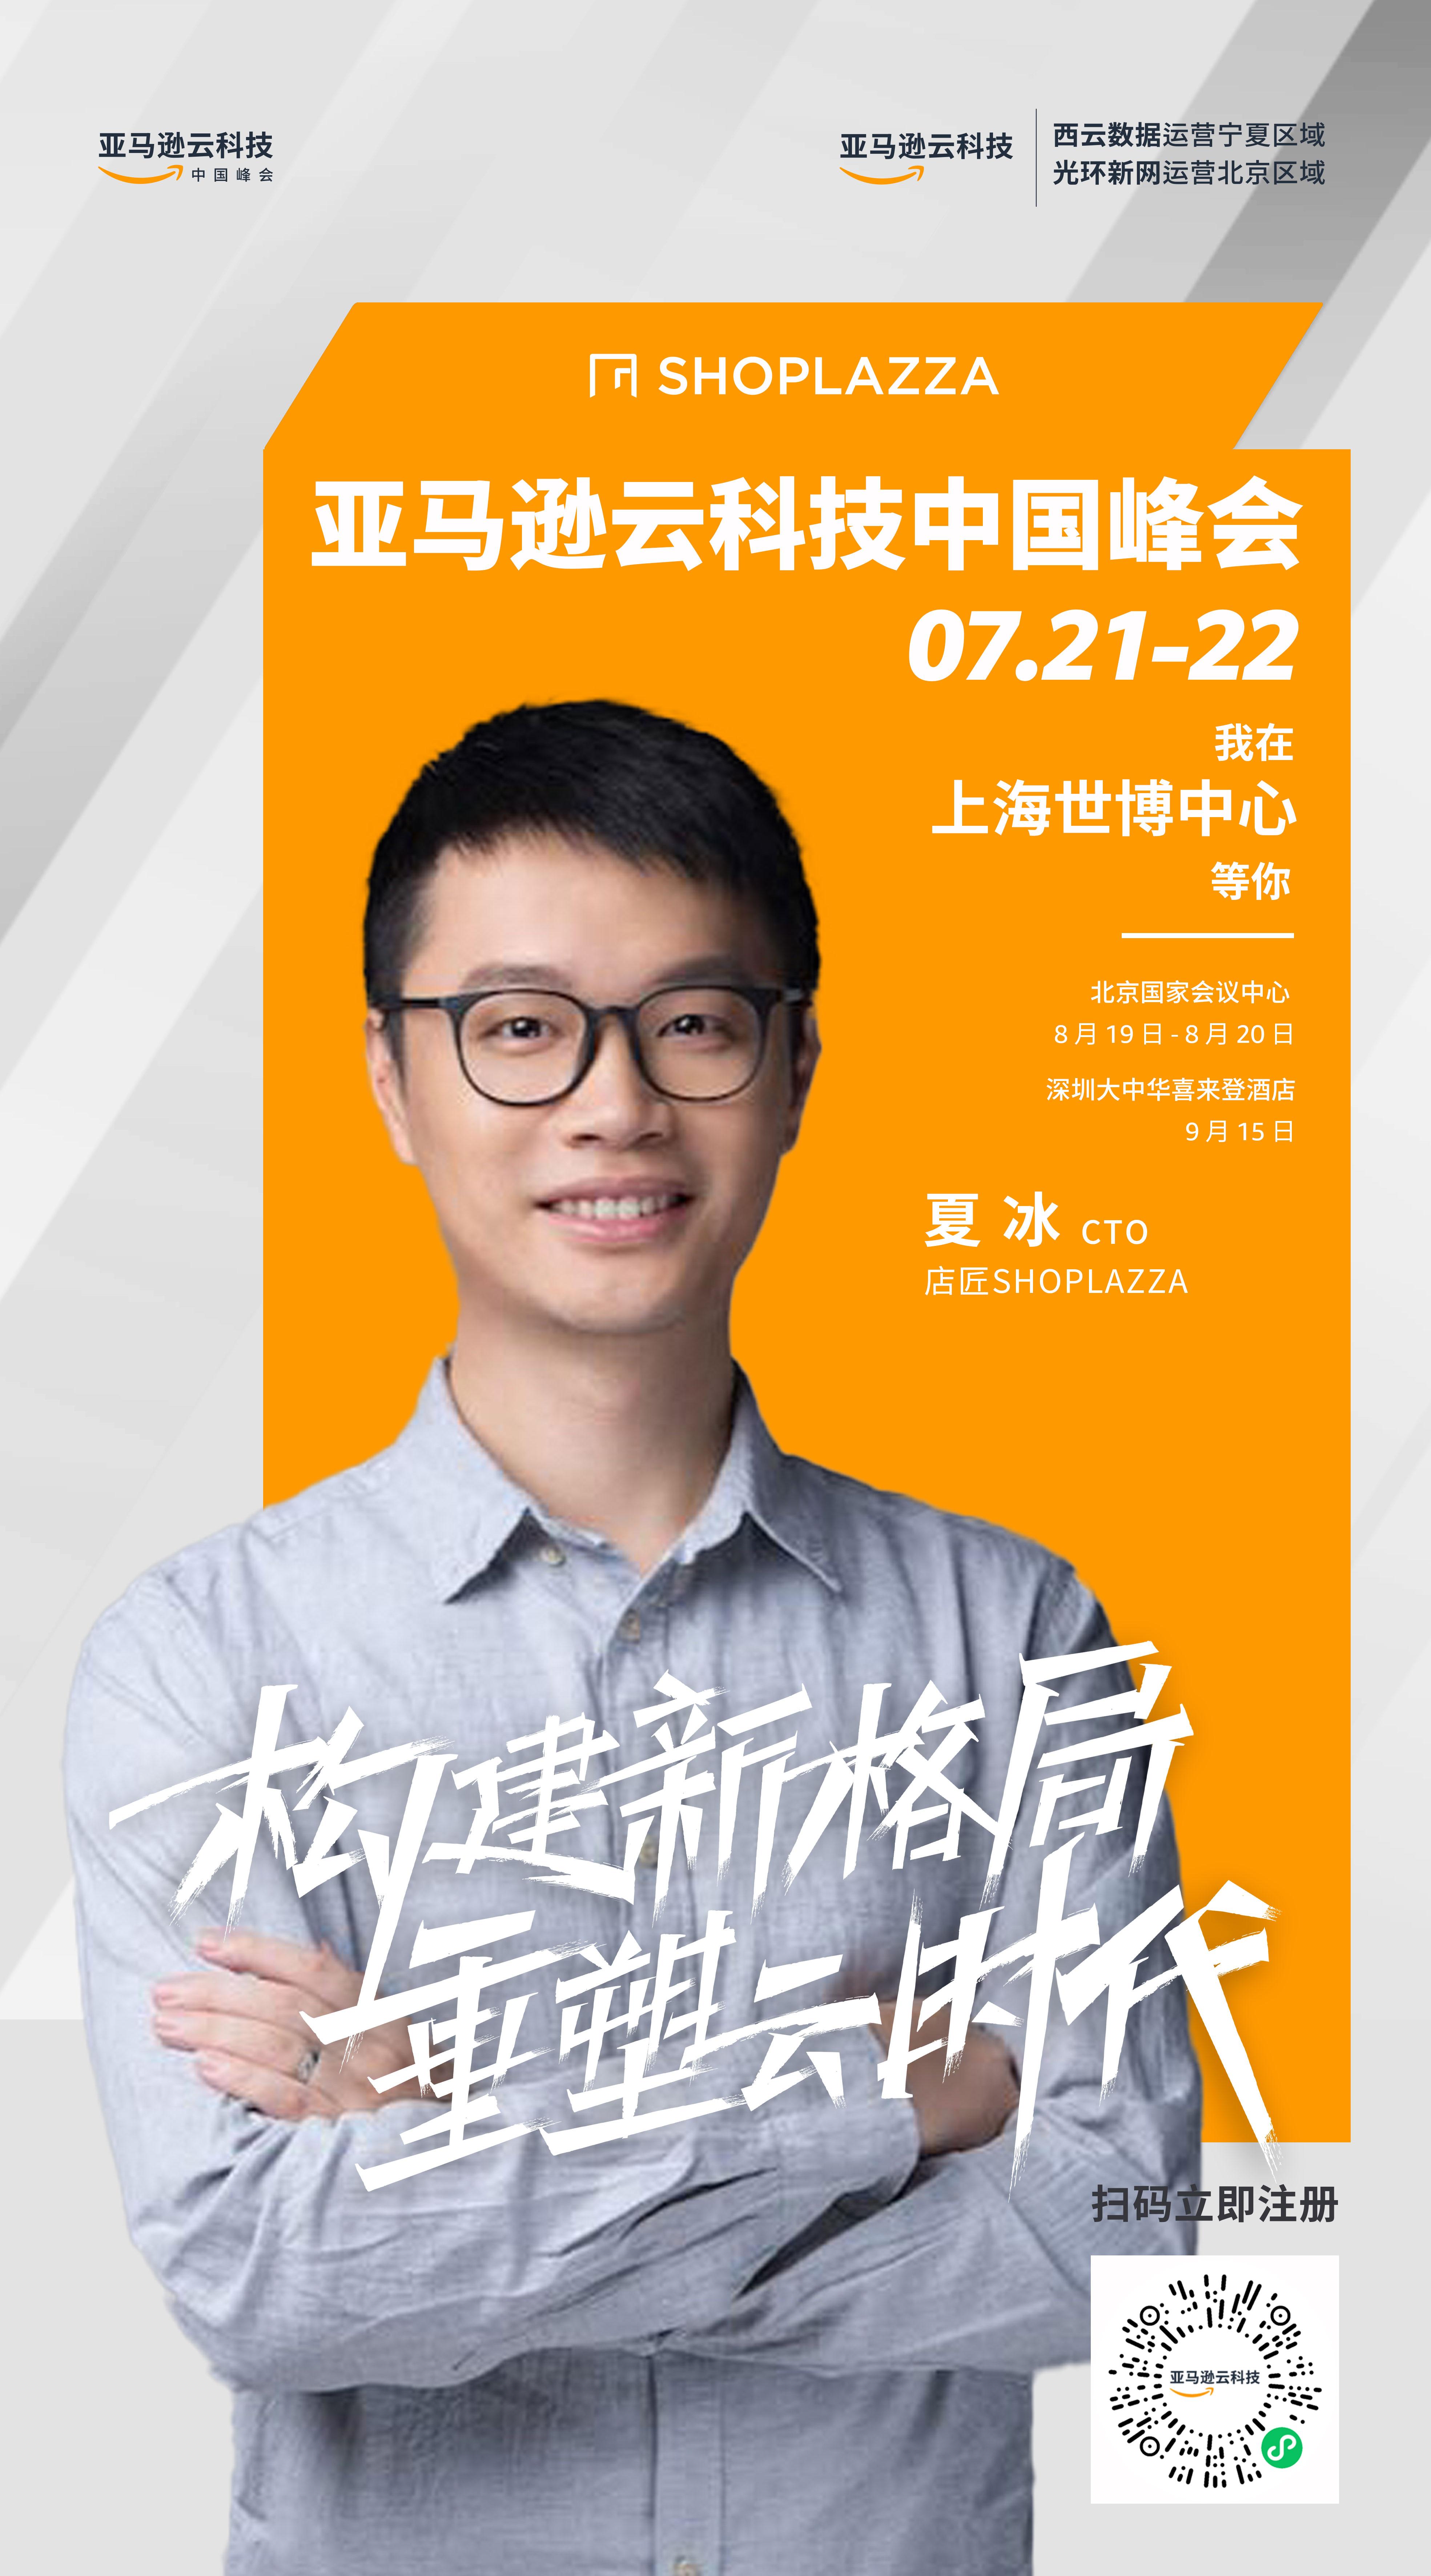 亚马逊云科技中国峰会